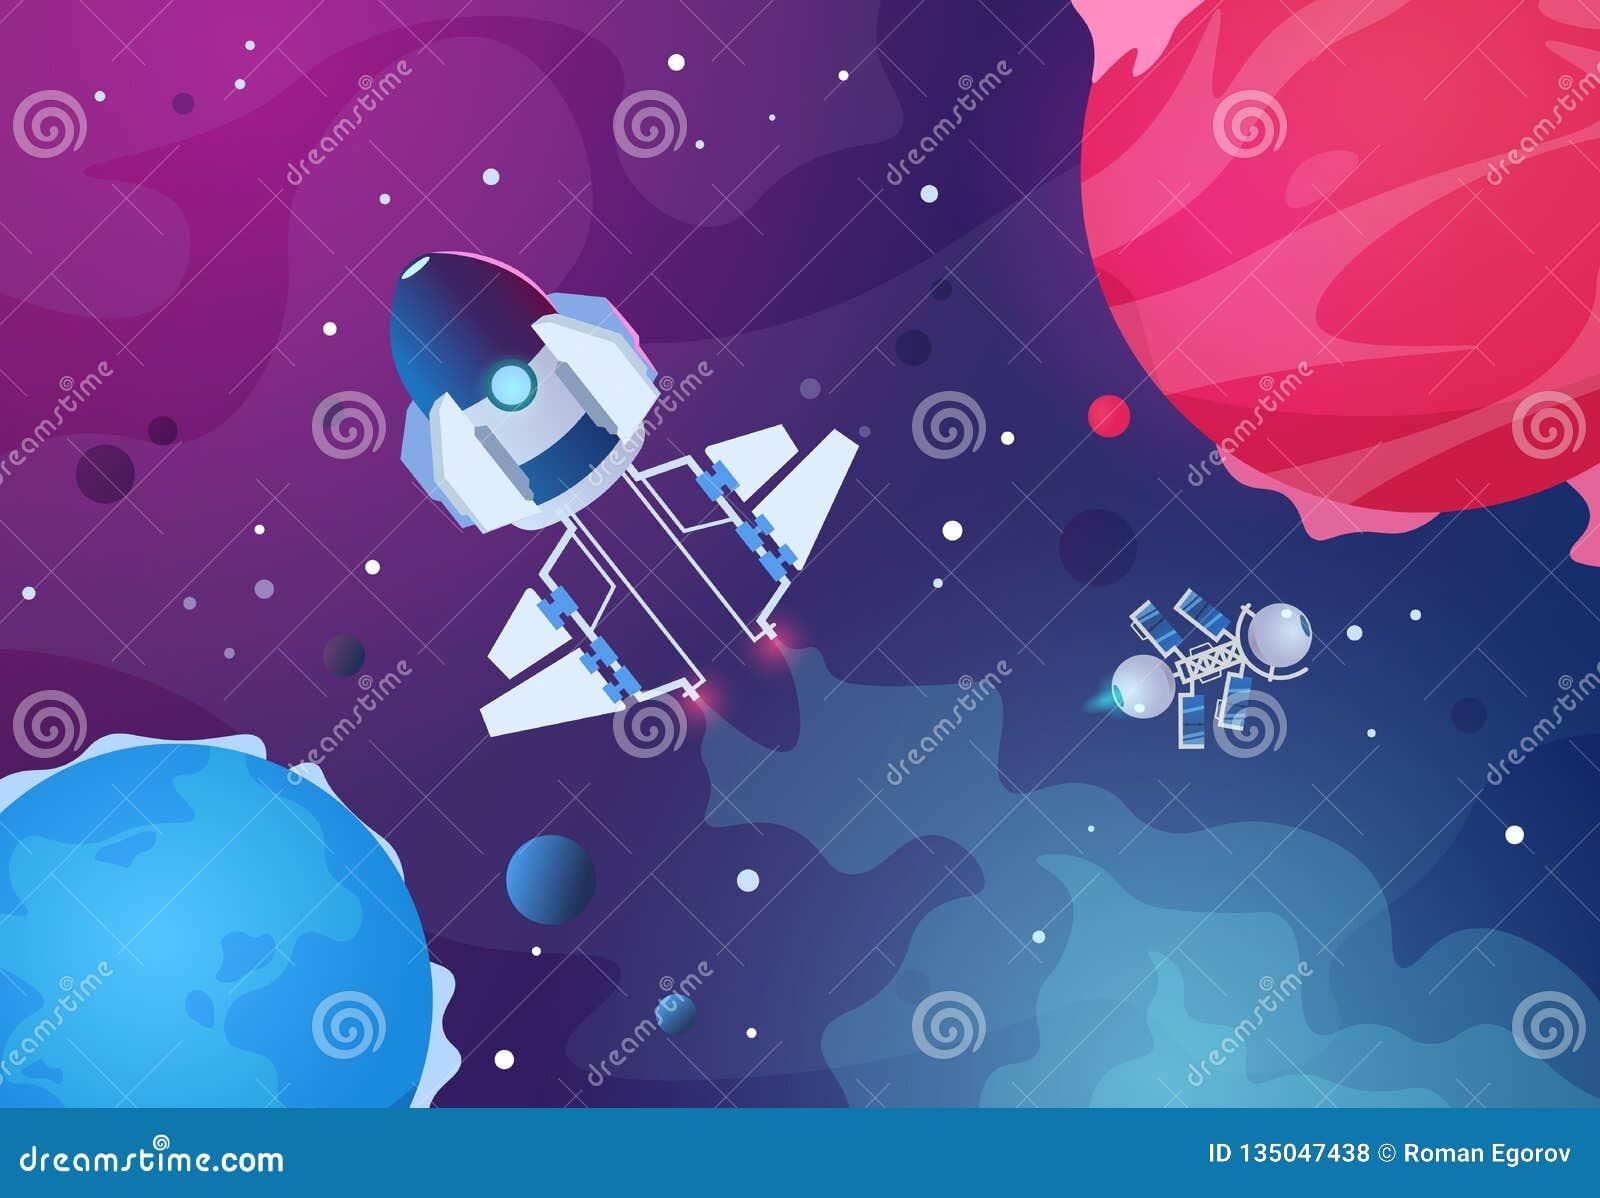 Предпосылка космоса шаржа Звезды планеты земли космического корабля планет чужеземца астероидные выпускают ракету Будущий фон кос